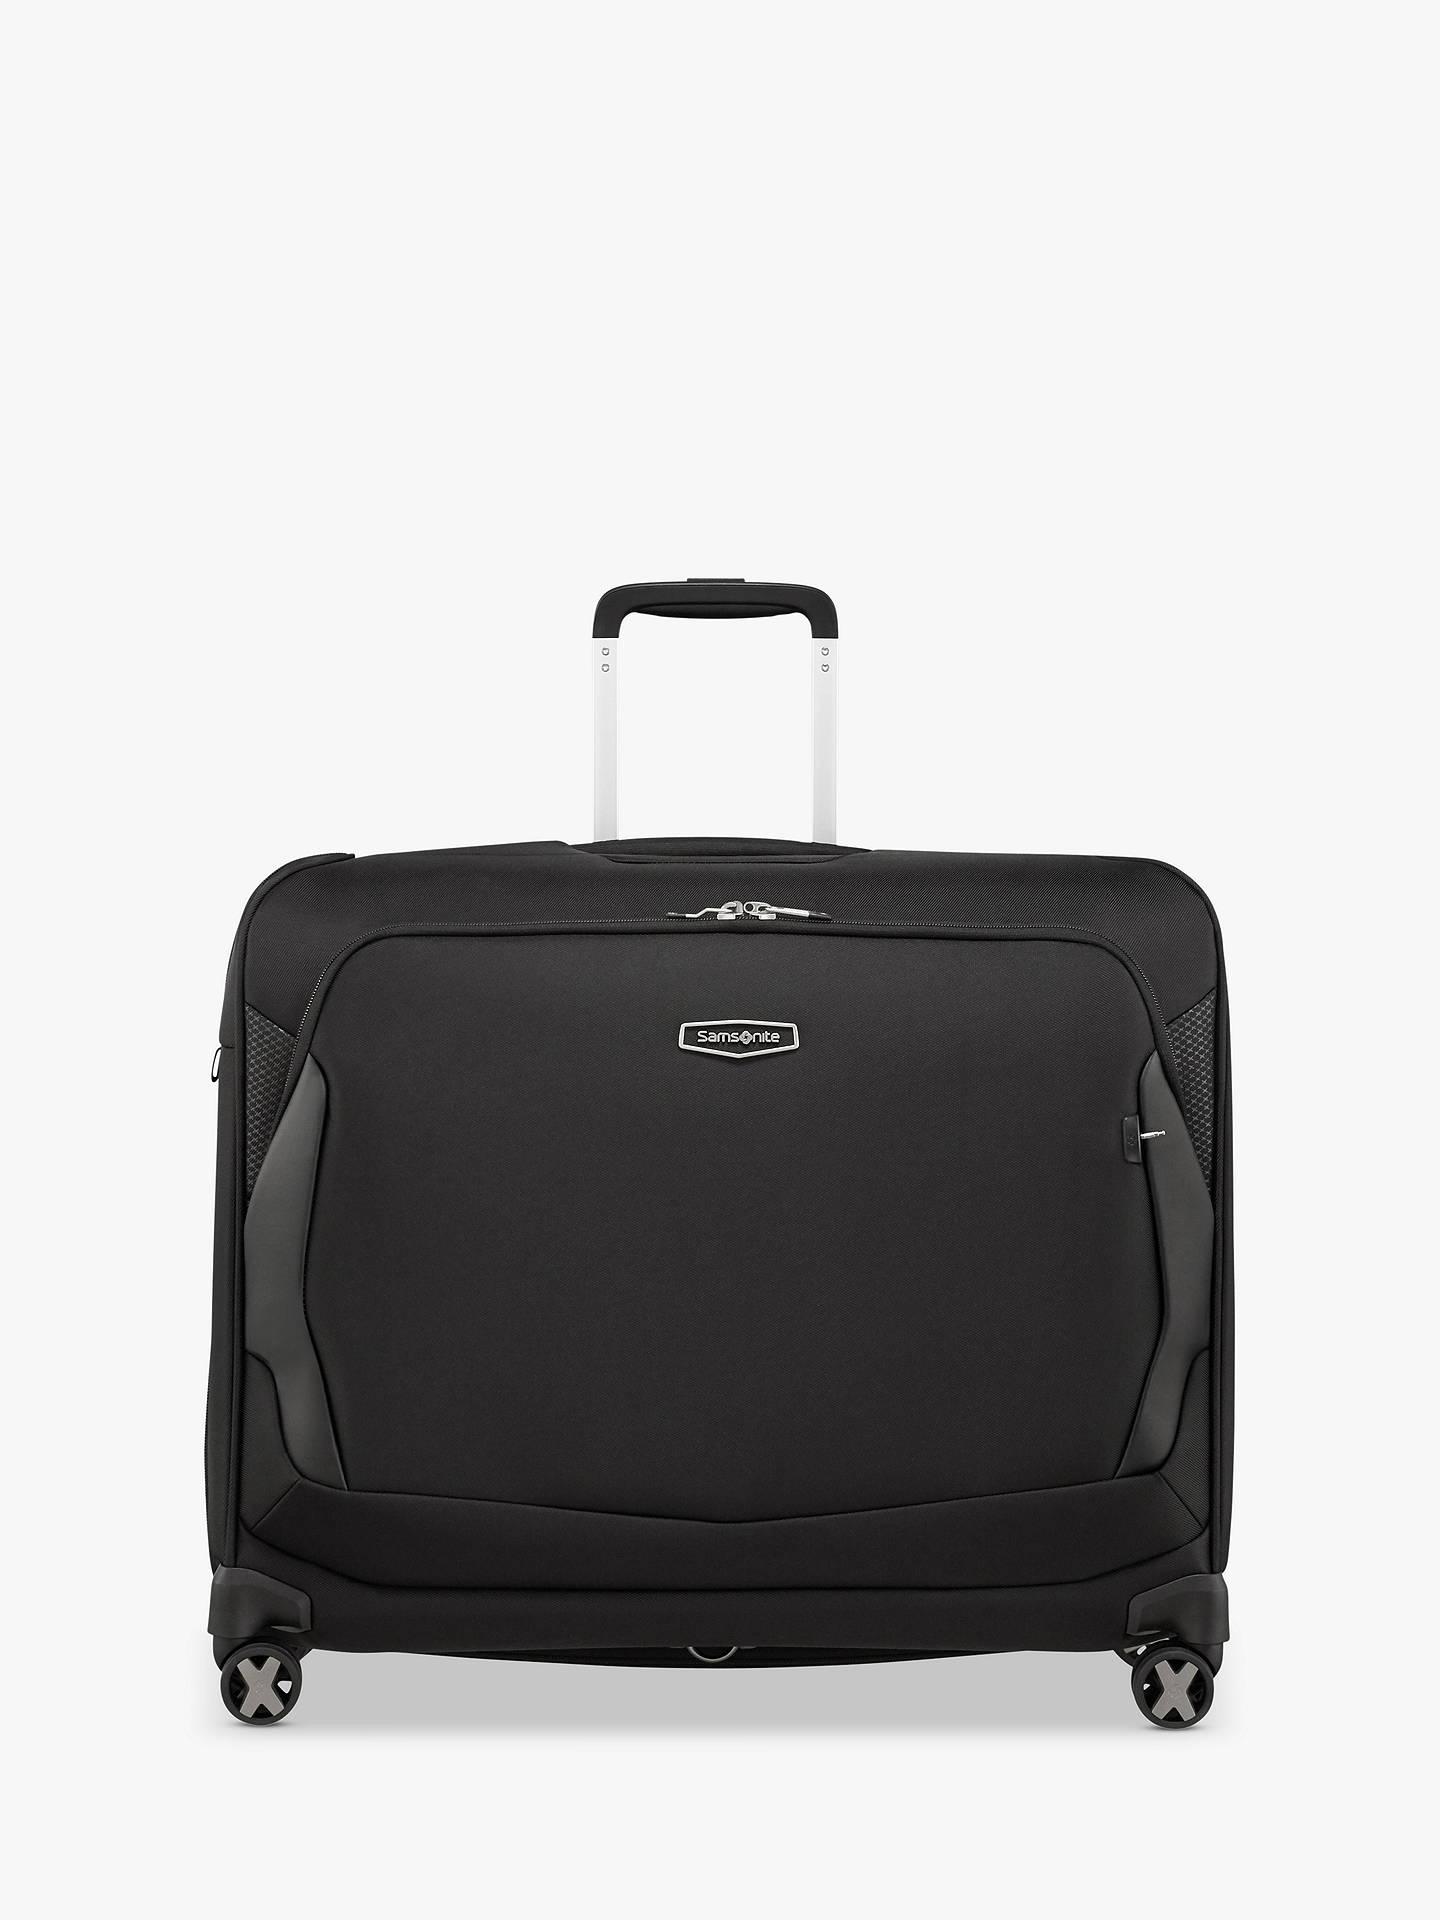 77cf2913d248 Samsonite X'Blade 4.0 Spinner 4-Wheel Garment Bag, Black